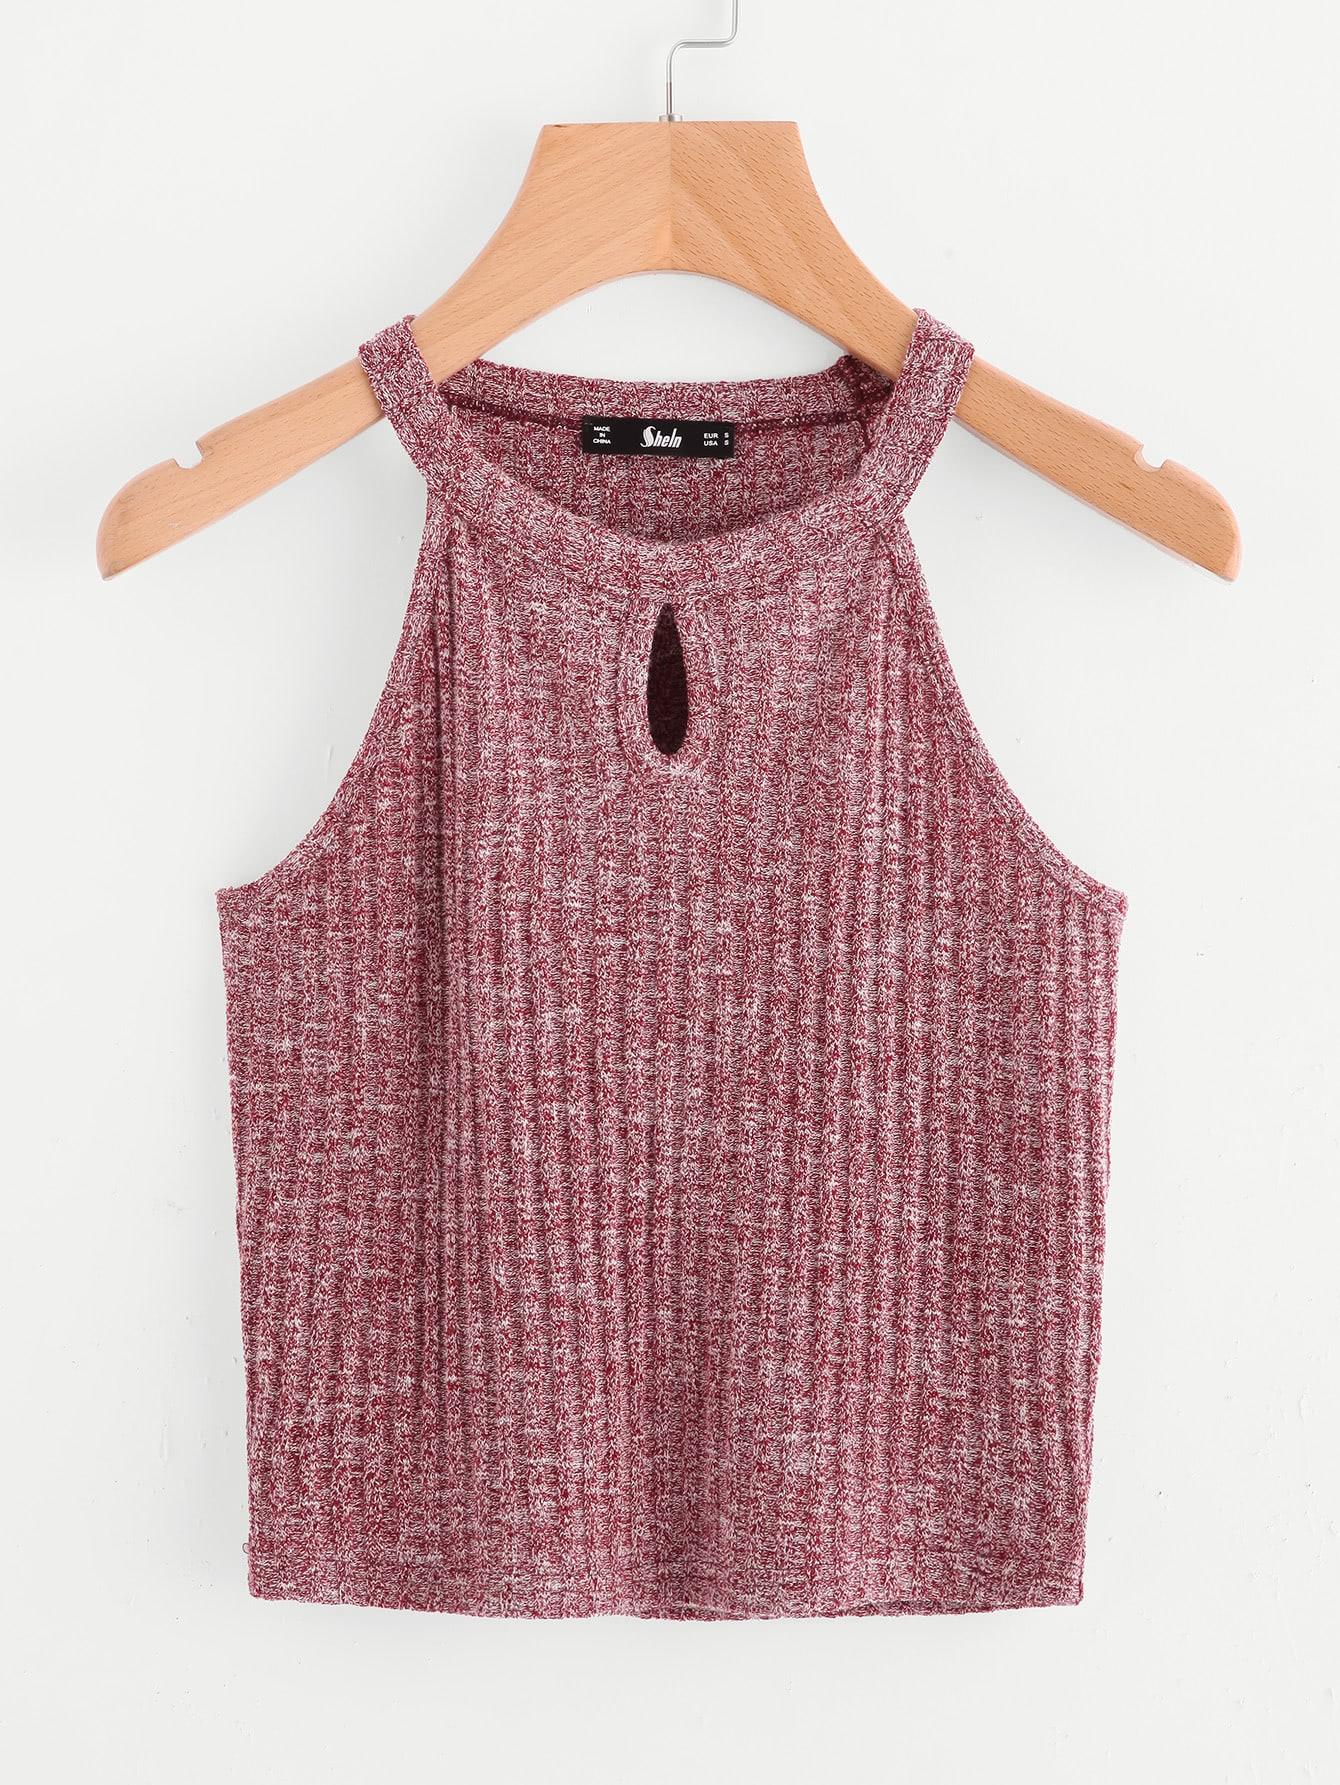 Marled Knit Keyhole Front Ribbed Halter Top vest170725702